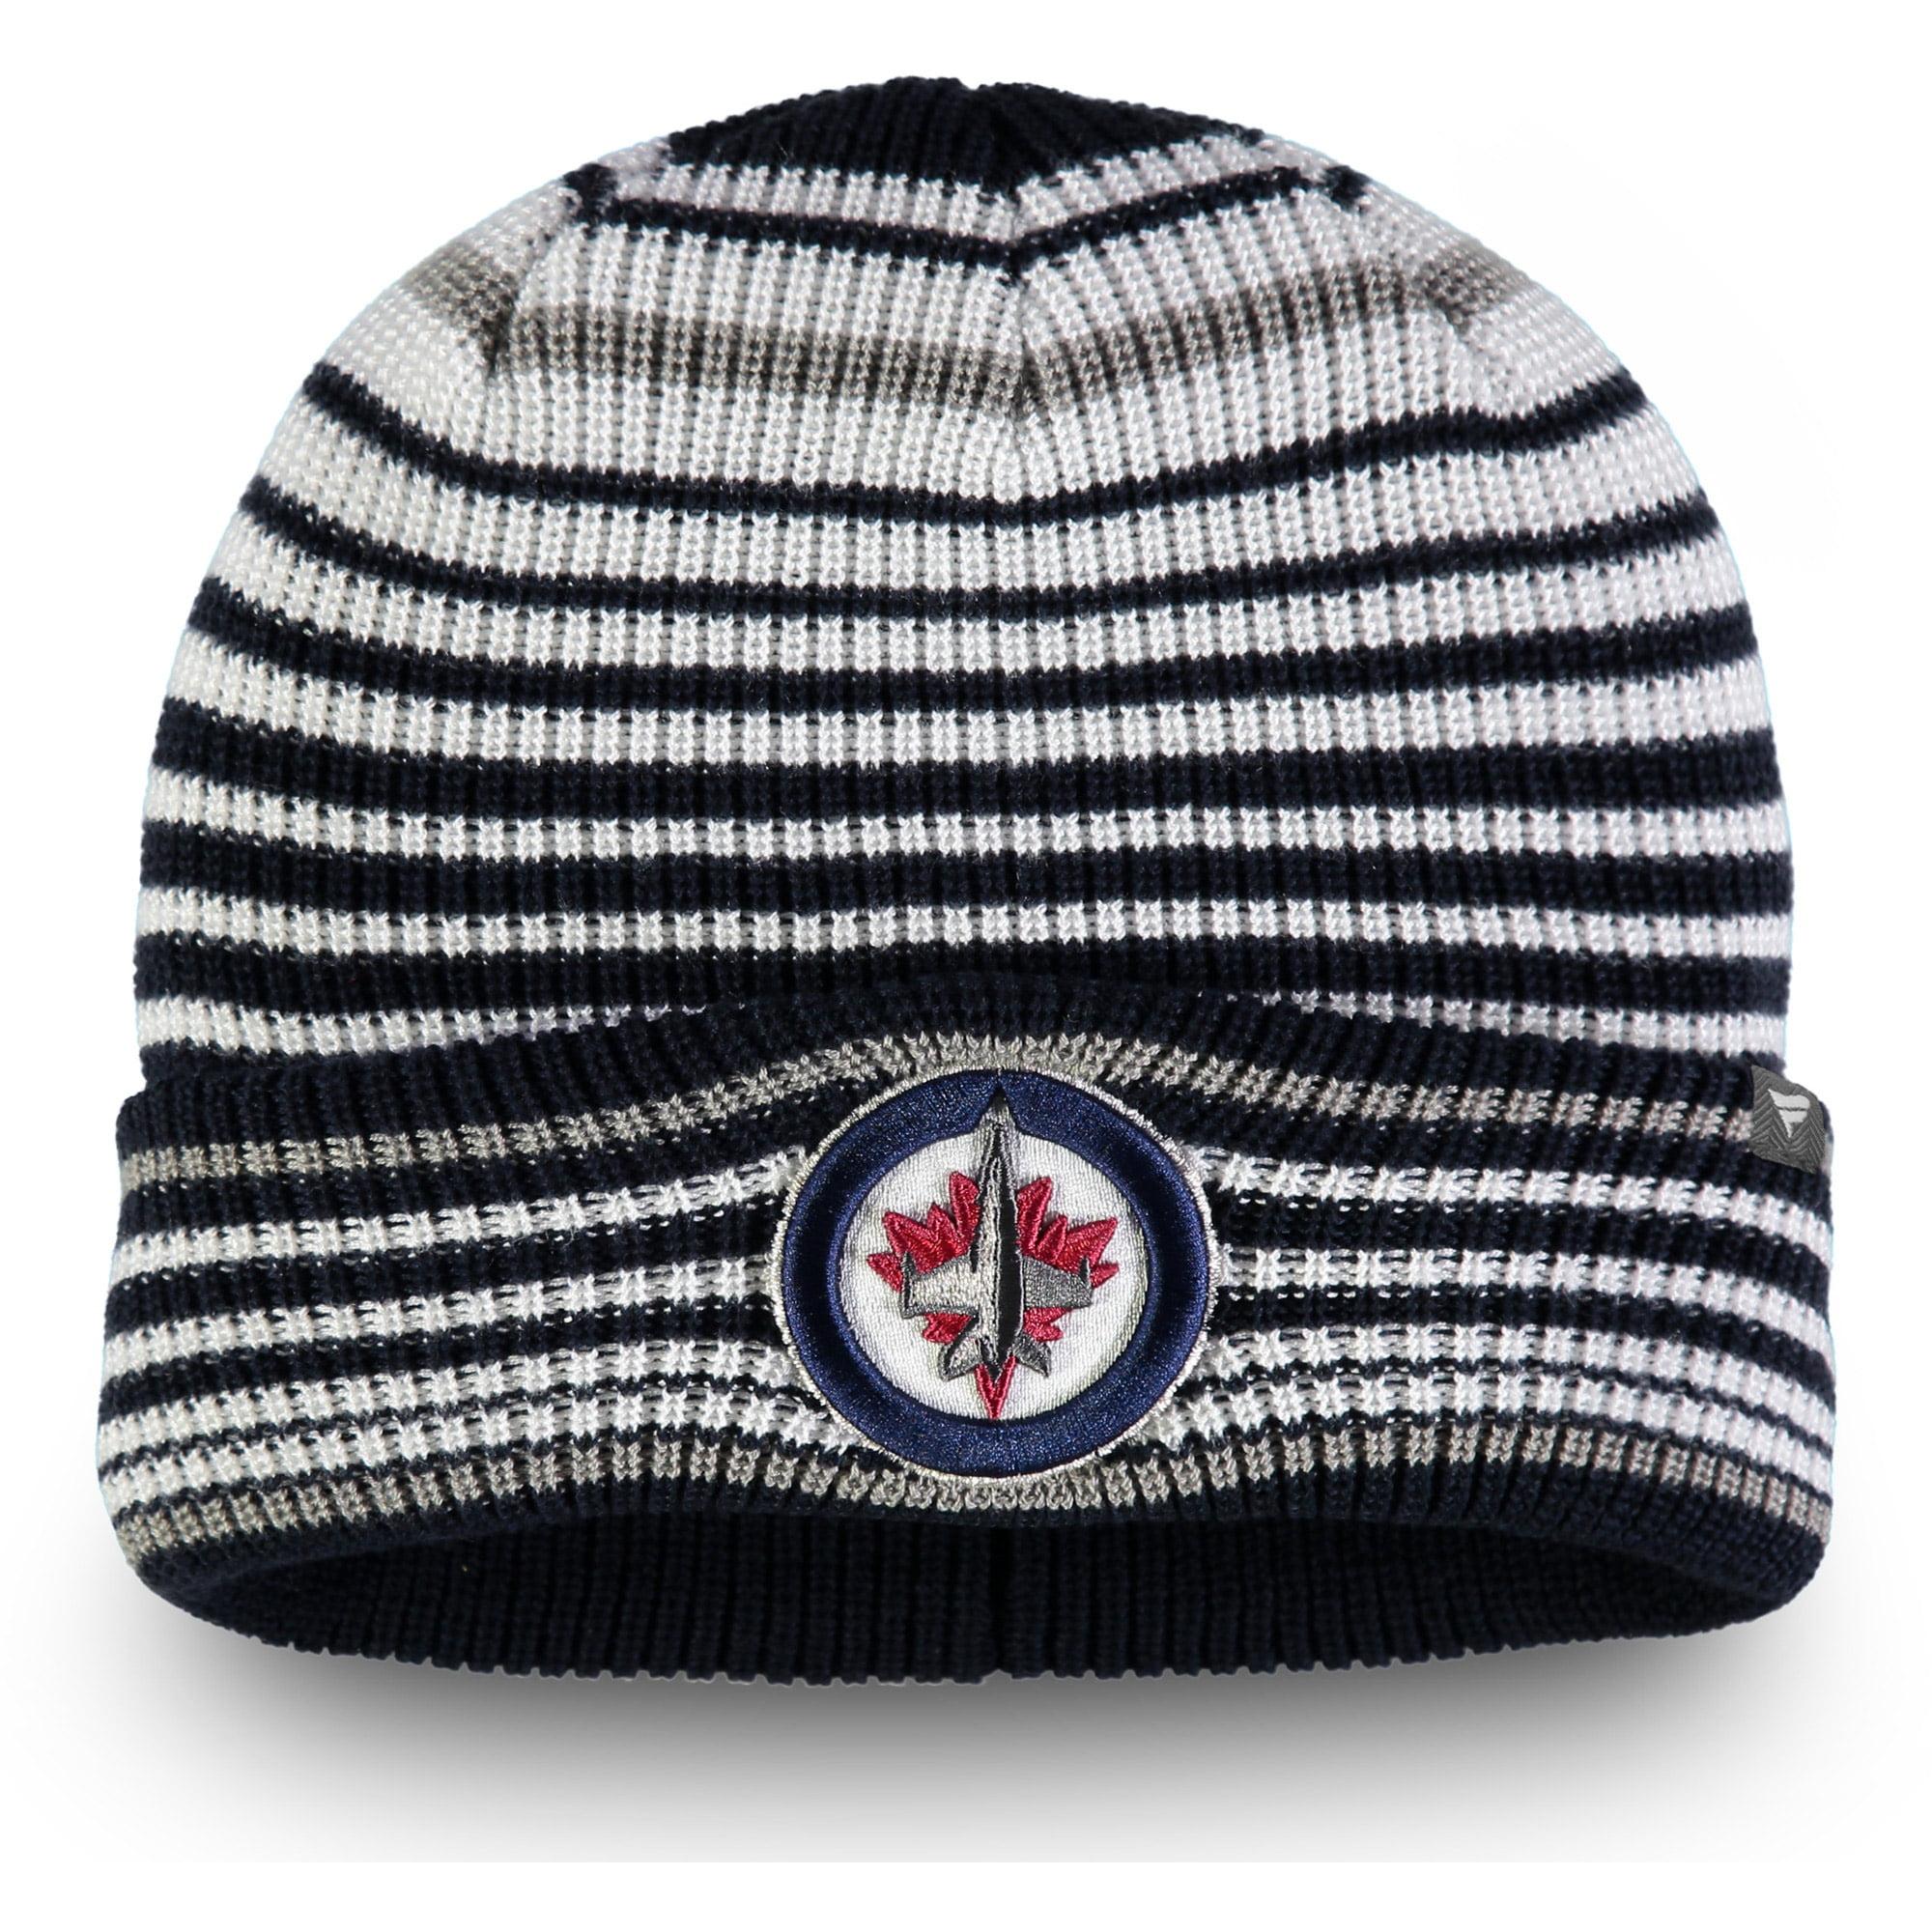 Winnipeg Jets Fanatics Branded Iconic Layer Core Cuffed Knit Hat - Navy - OSFA